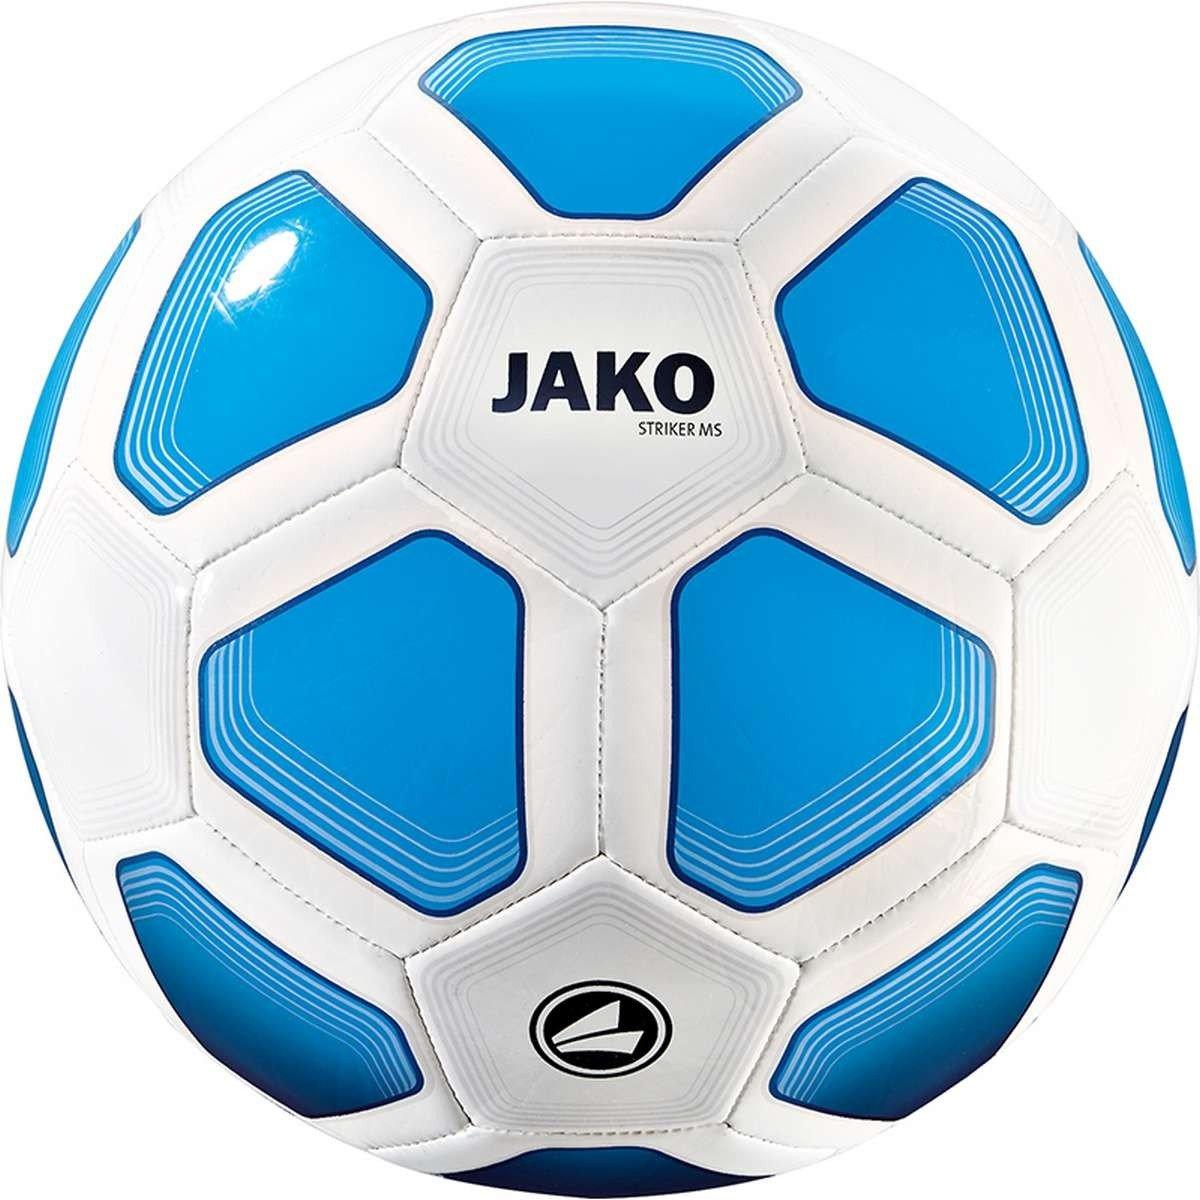 Jako Striker - Balón de Entrenamiento MS Balón, Color weiß/JAKO ...